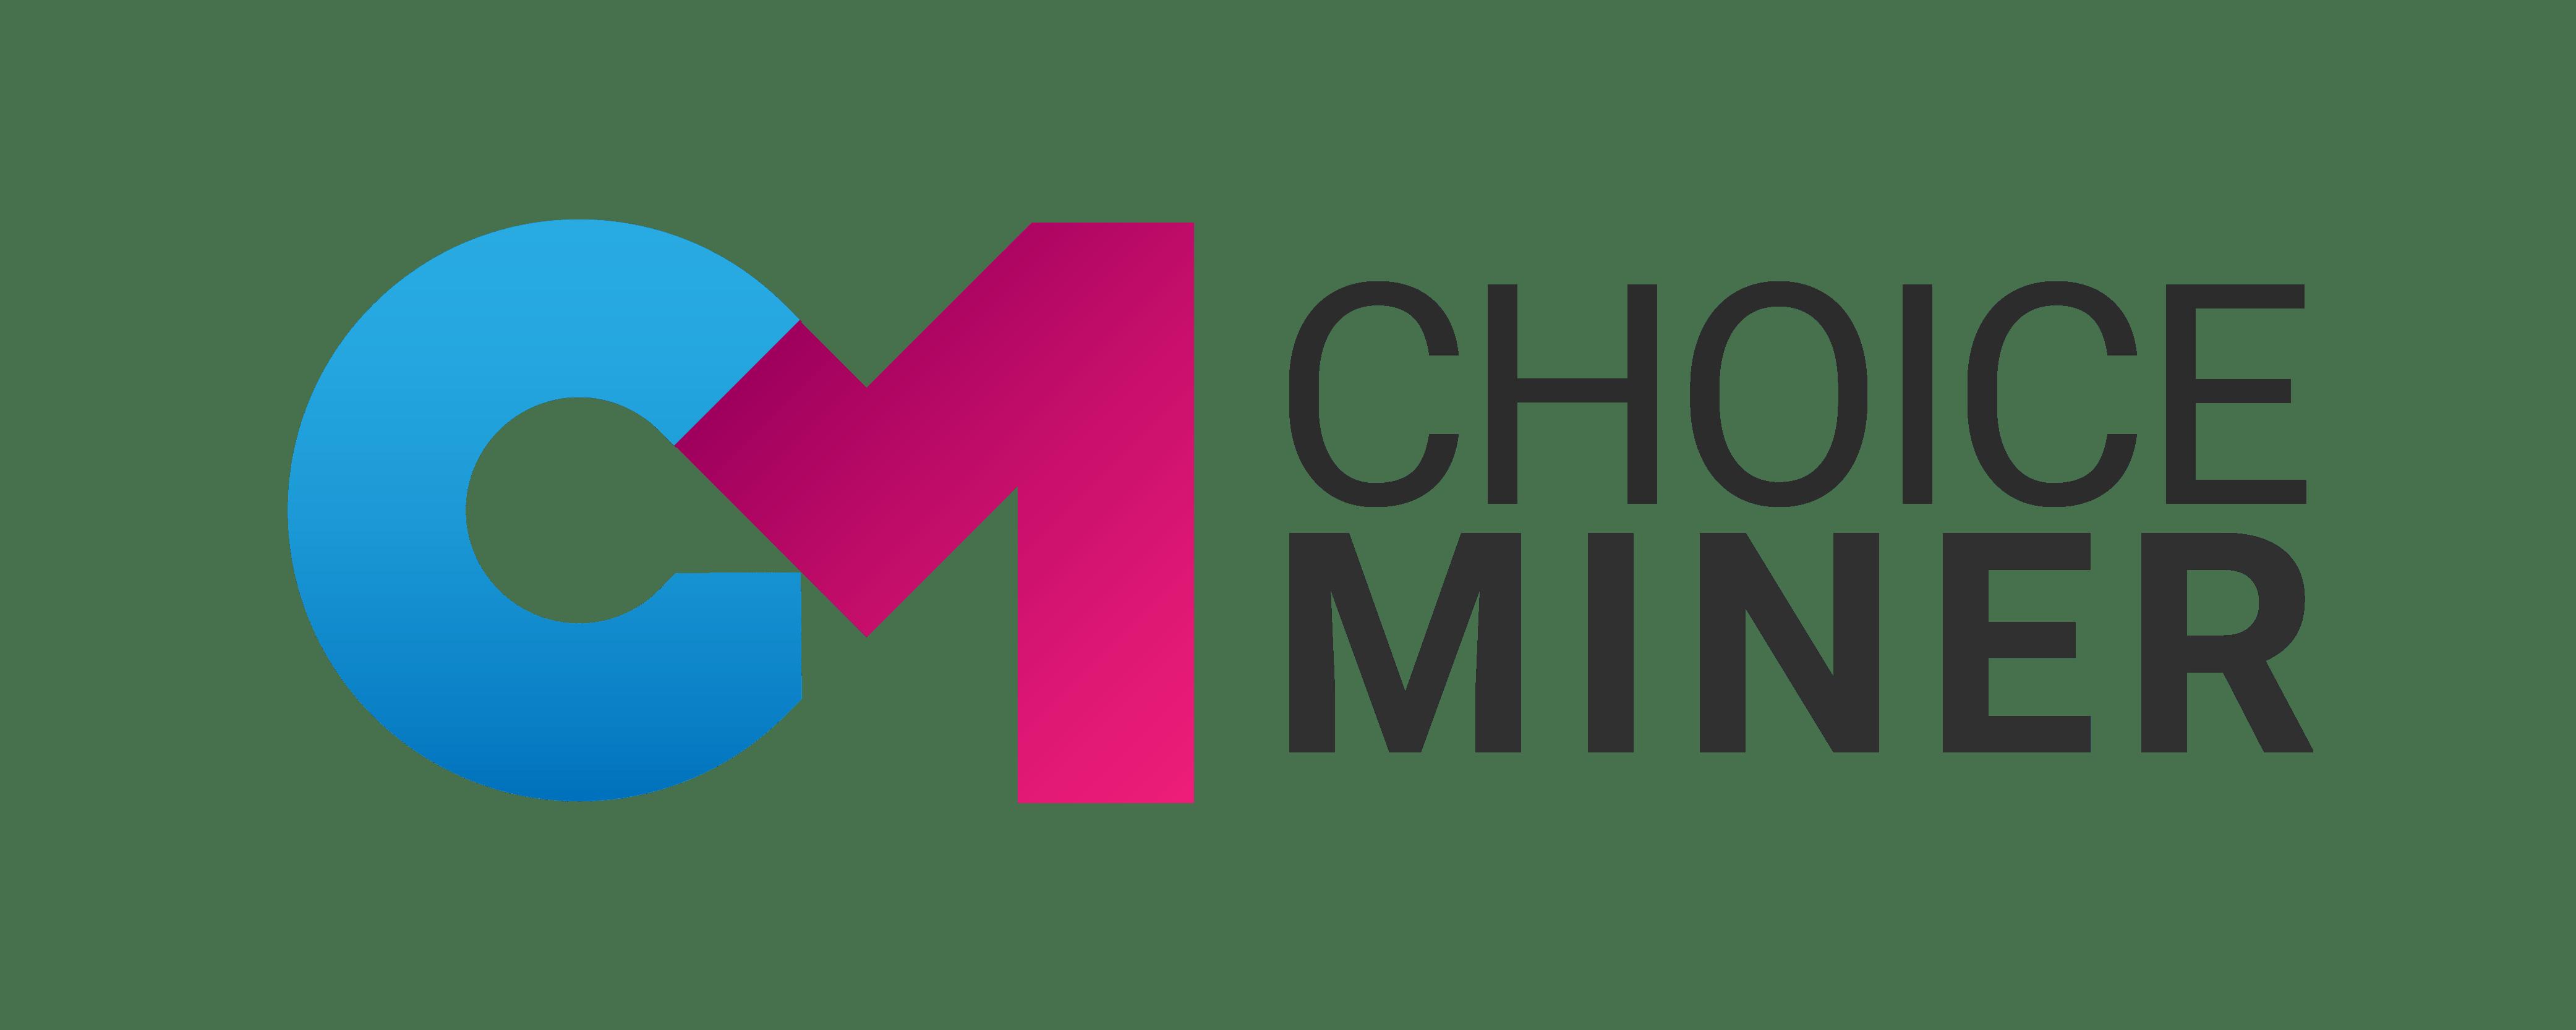 Logo von CHOICEMINER, Pink und Blaue Wortmarke CM, anthrazit farbener Schriftzug